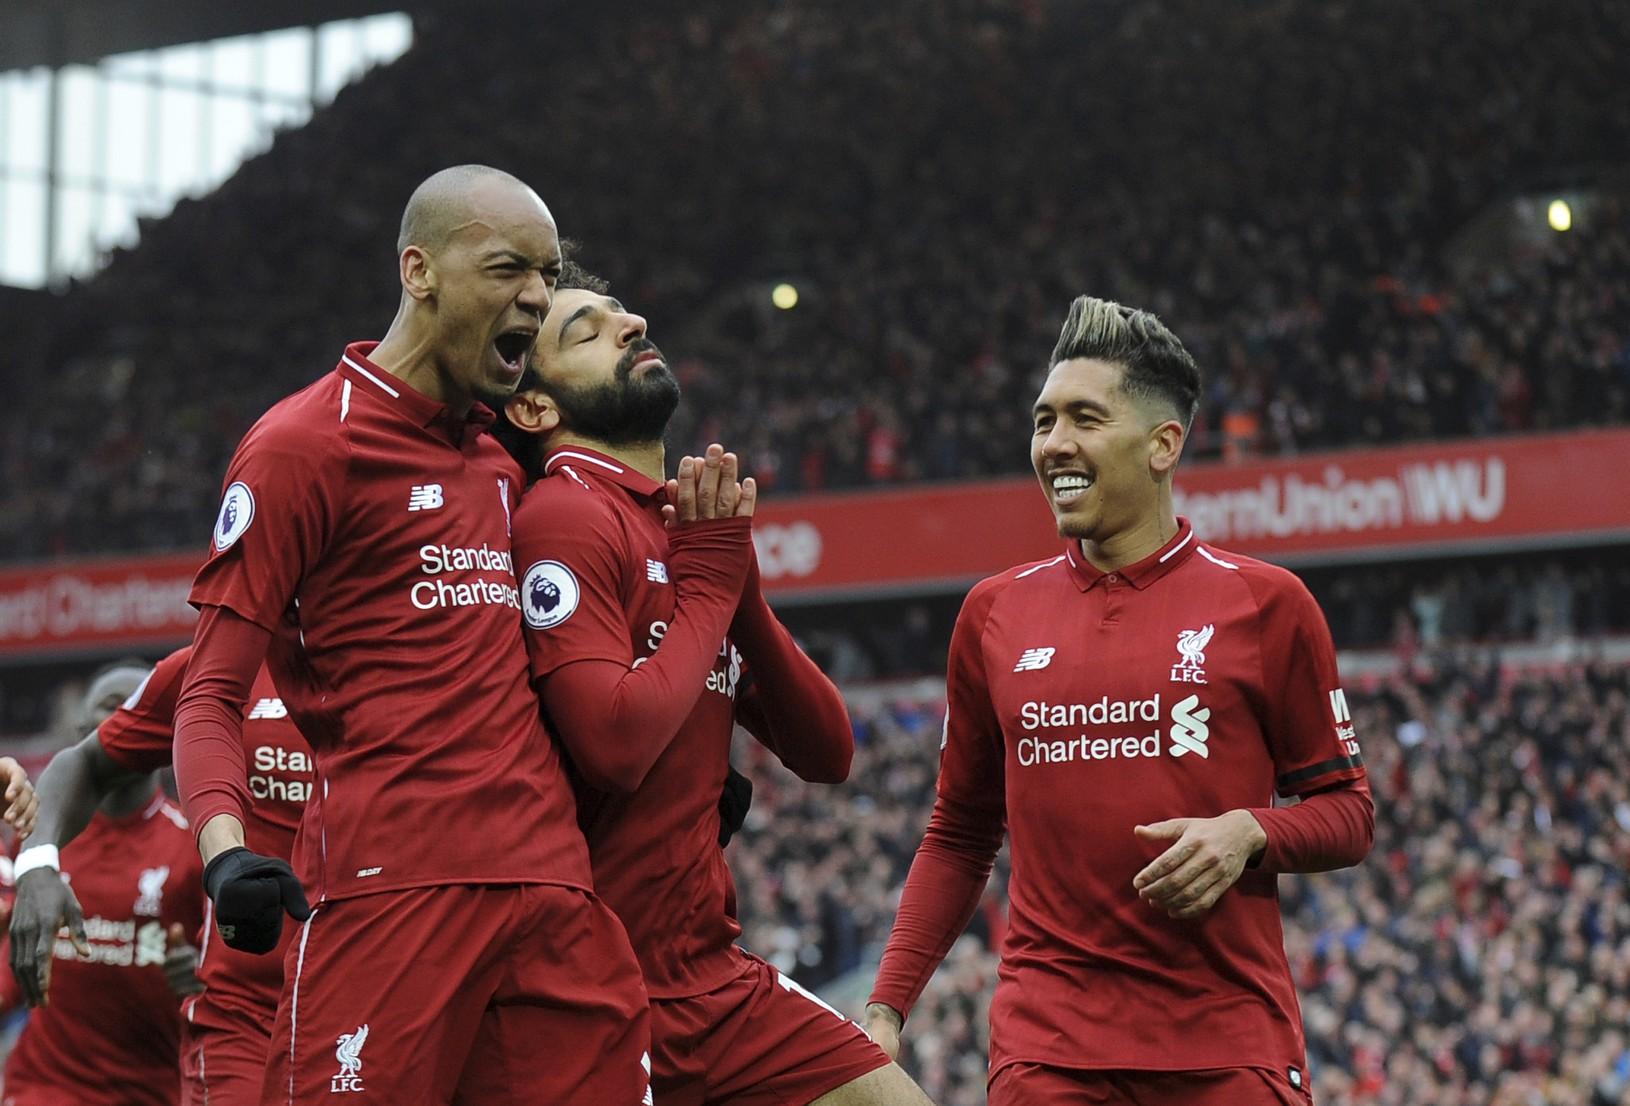 Radosť hráčov Liverpoolu